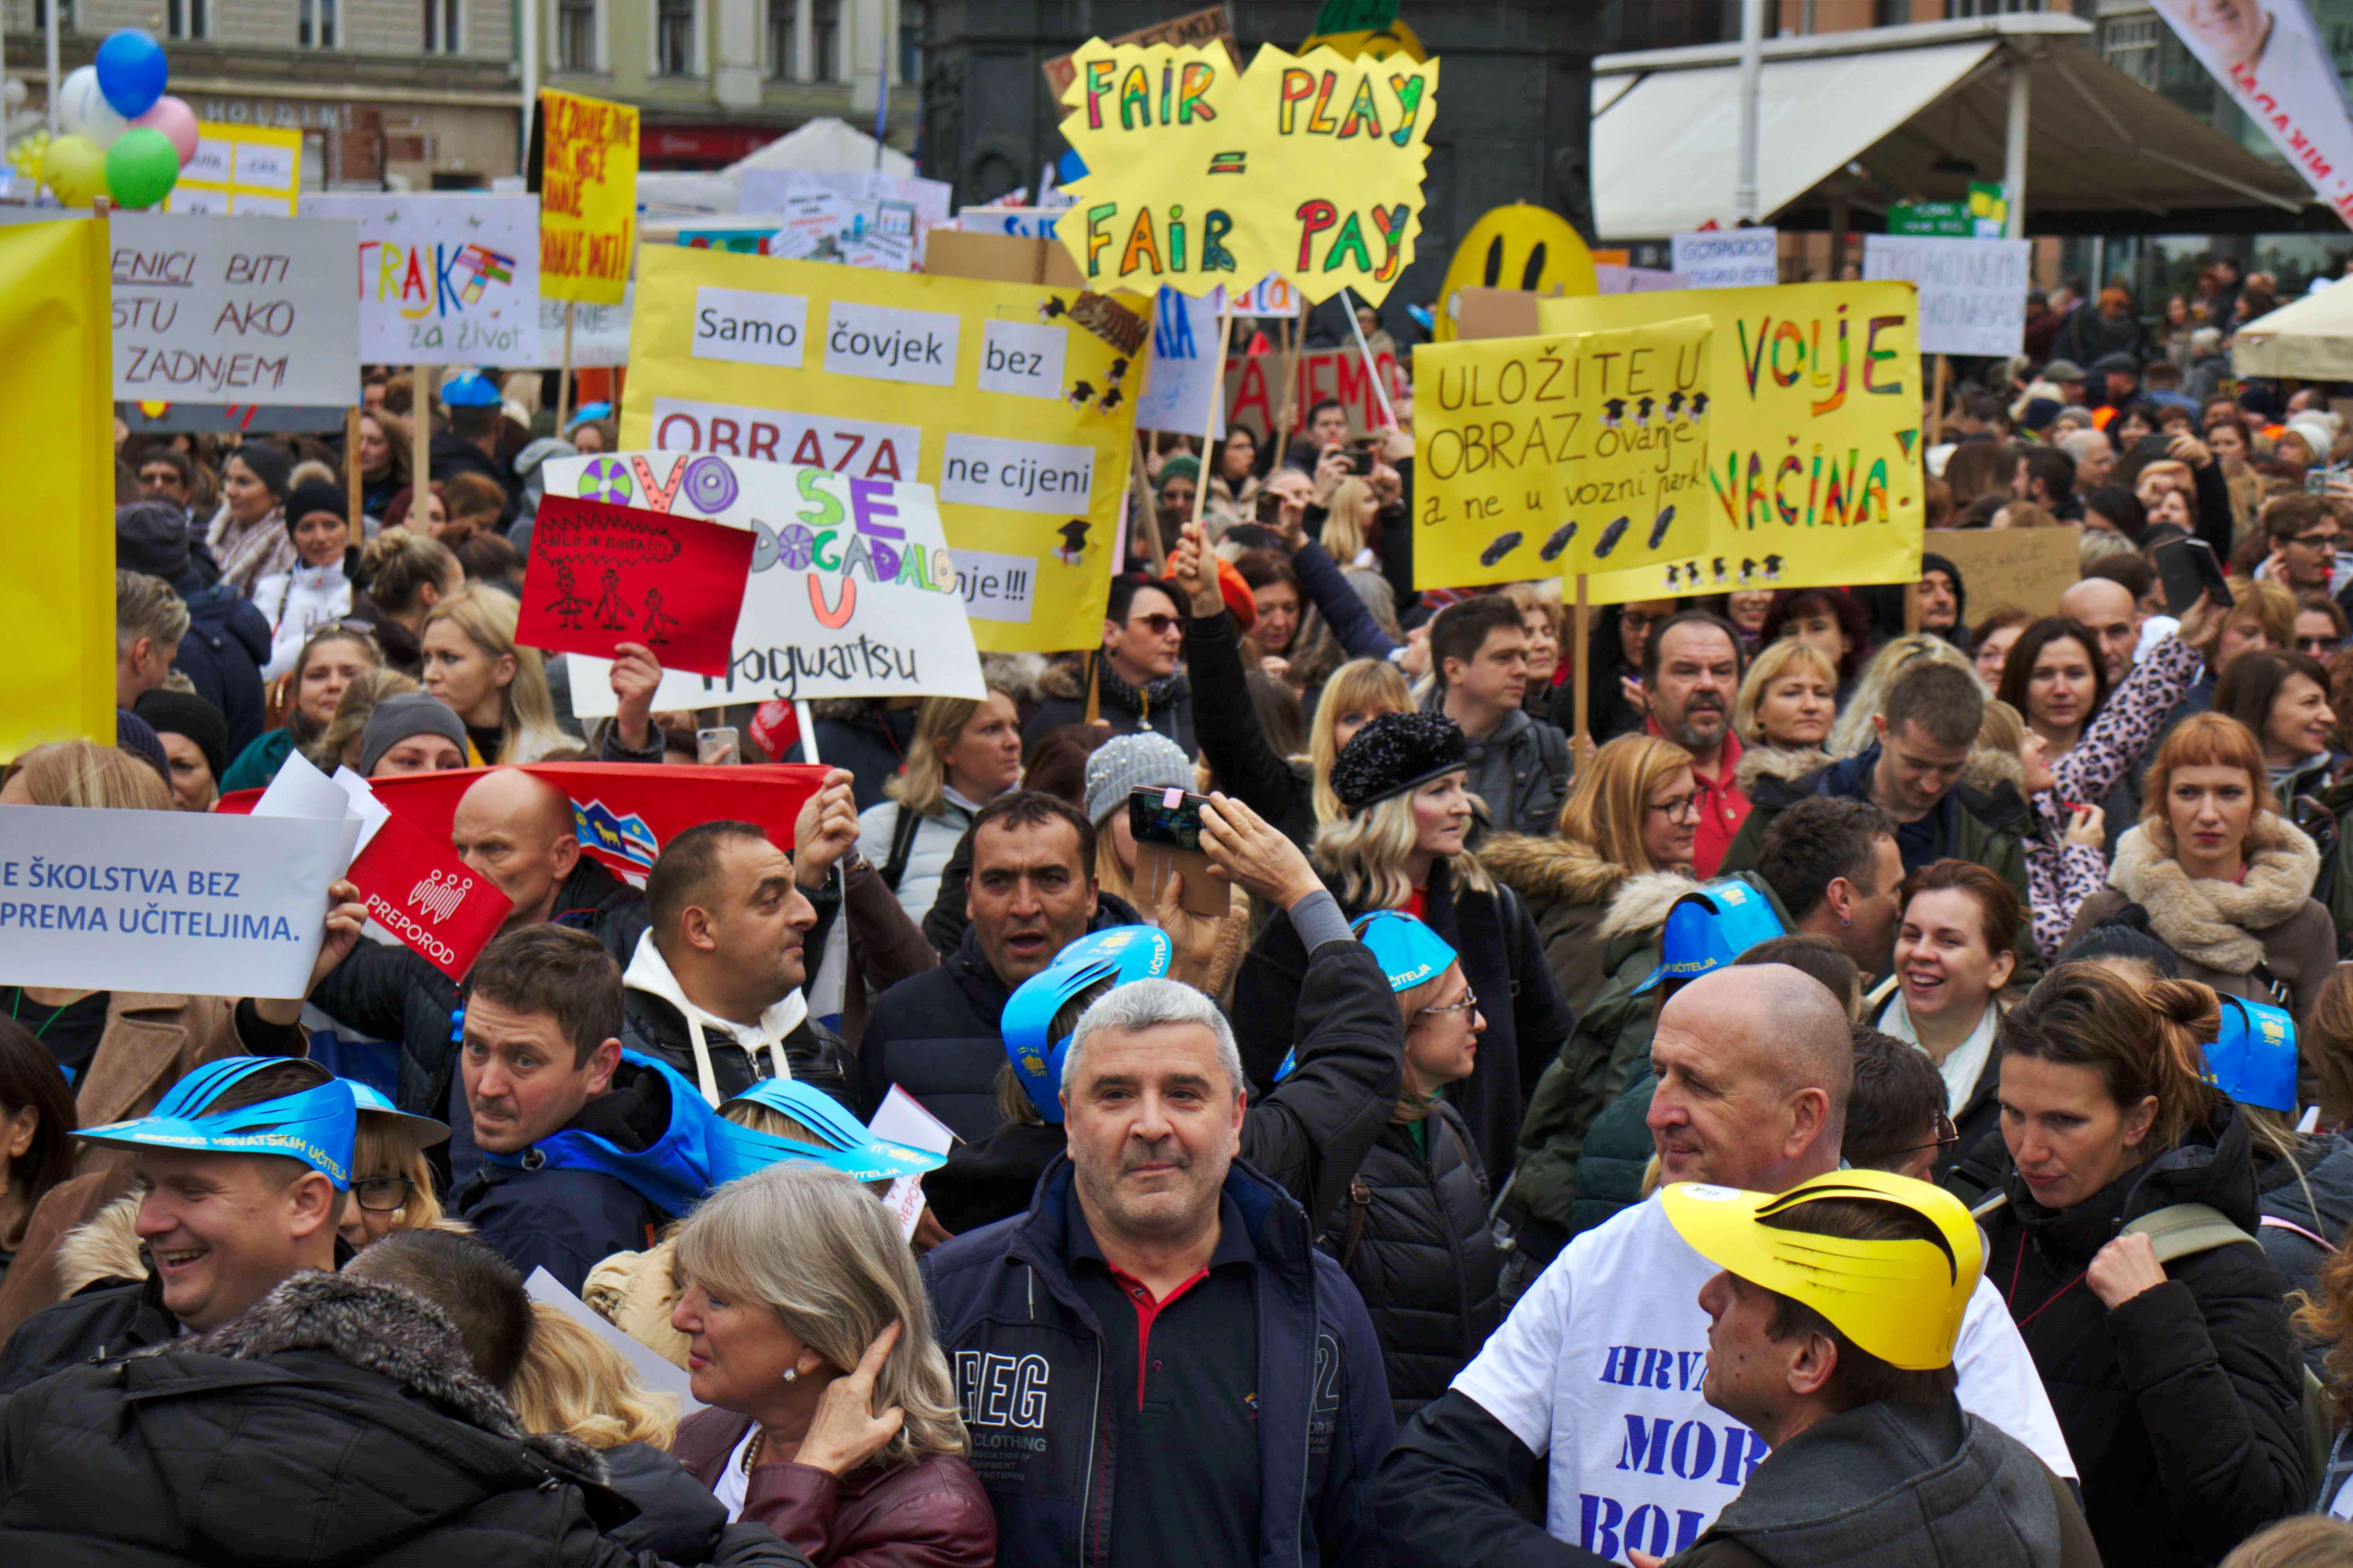 Prosvjed je bio politički skup, no od toga ne treba bježati